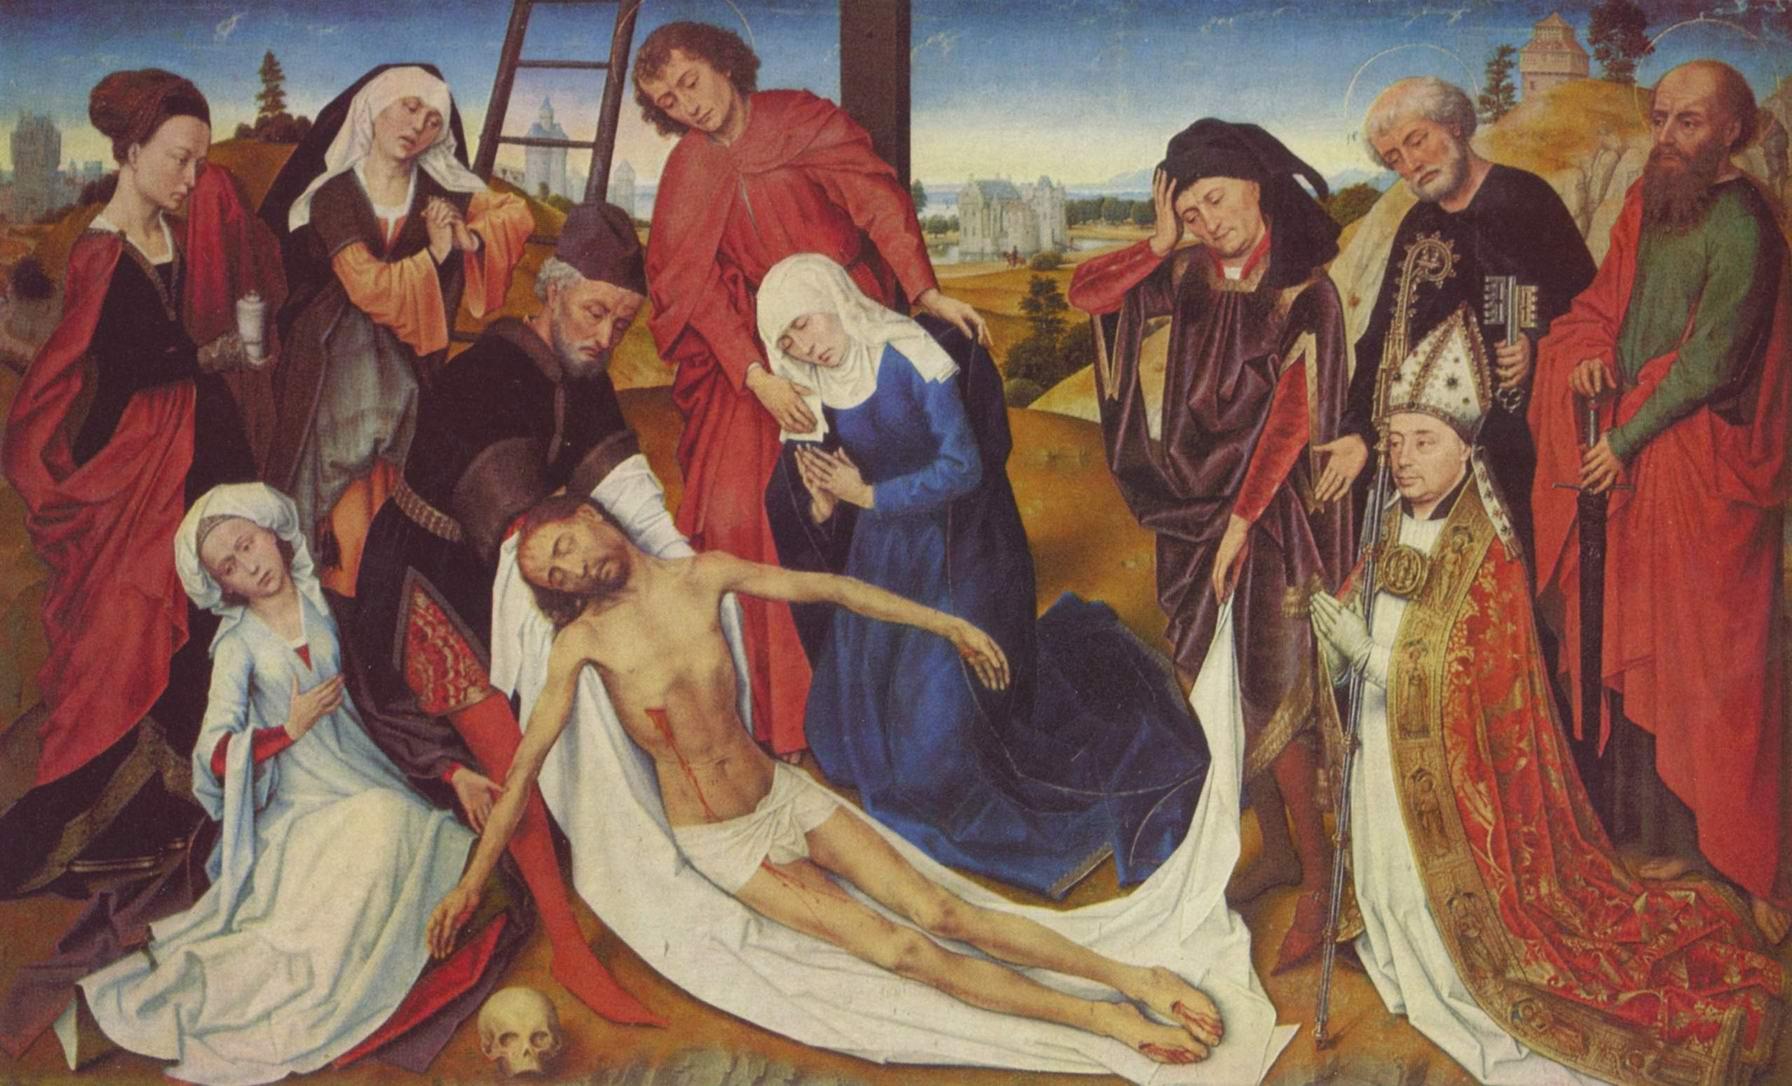 Снятие с креста с донатором Пьером де Раншикуром, епископом Арасским, Рогир ван дер Вейден